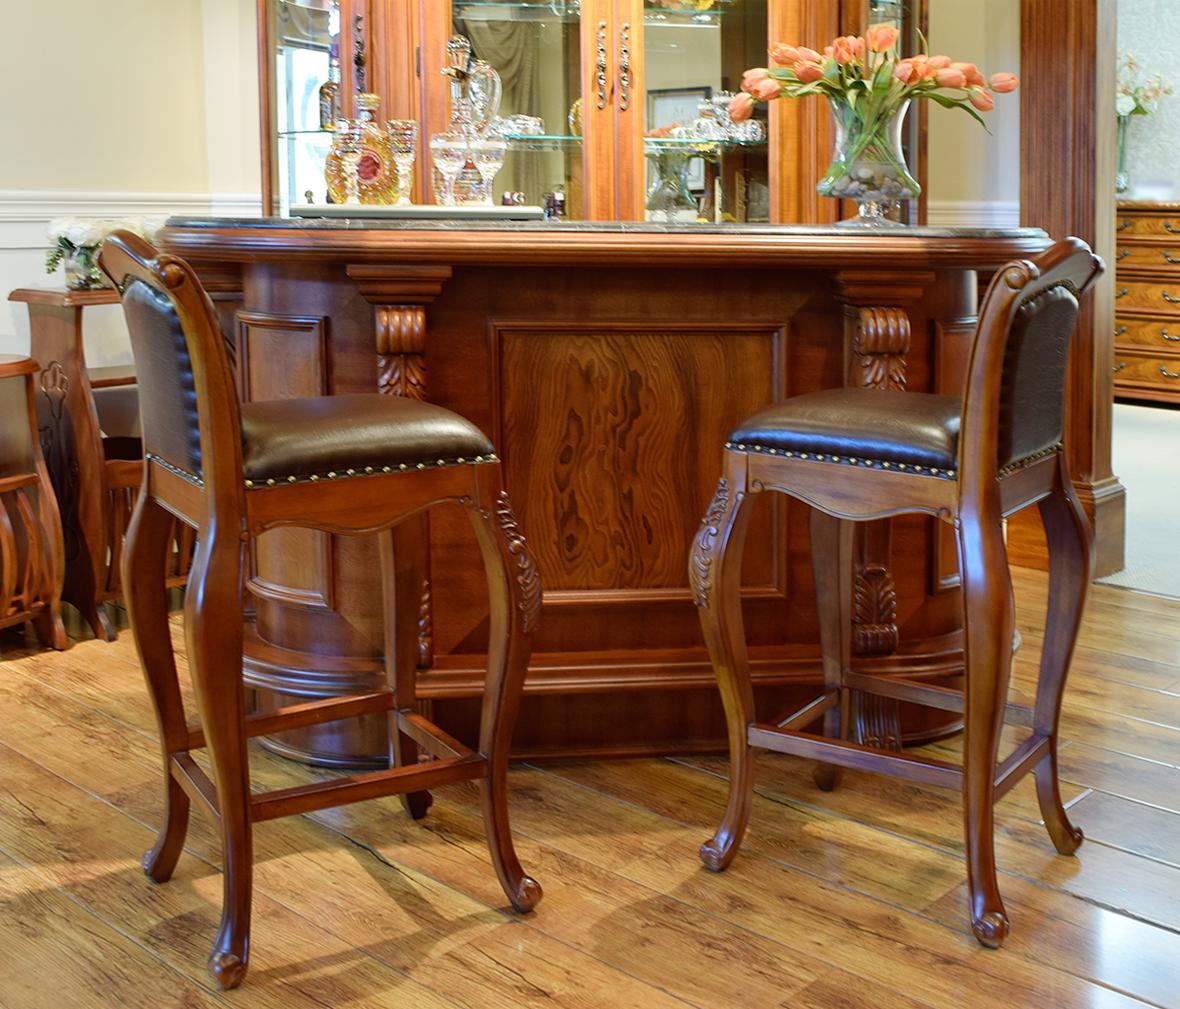 伯爵庄园 x7581-2型号美式古典实木吧椅 百年工艺打造图片